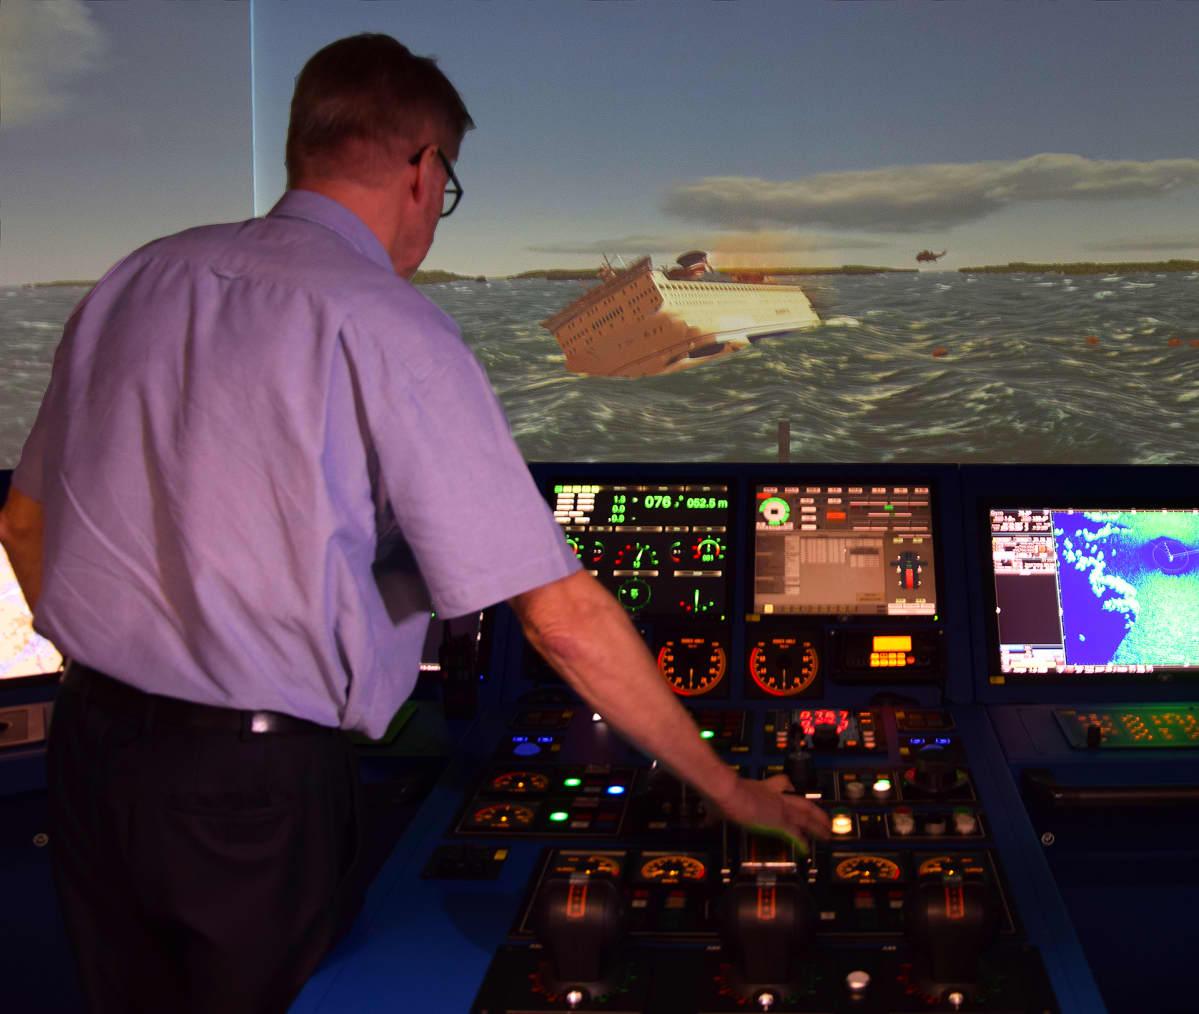 Laivasimulaattorissa kyetään toteuttamaan realistisen tuntuisia onnettomuusharjoituksia.